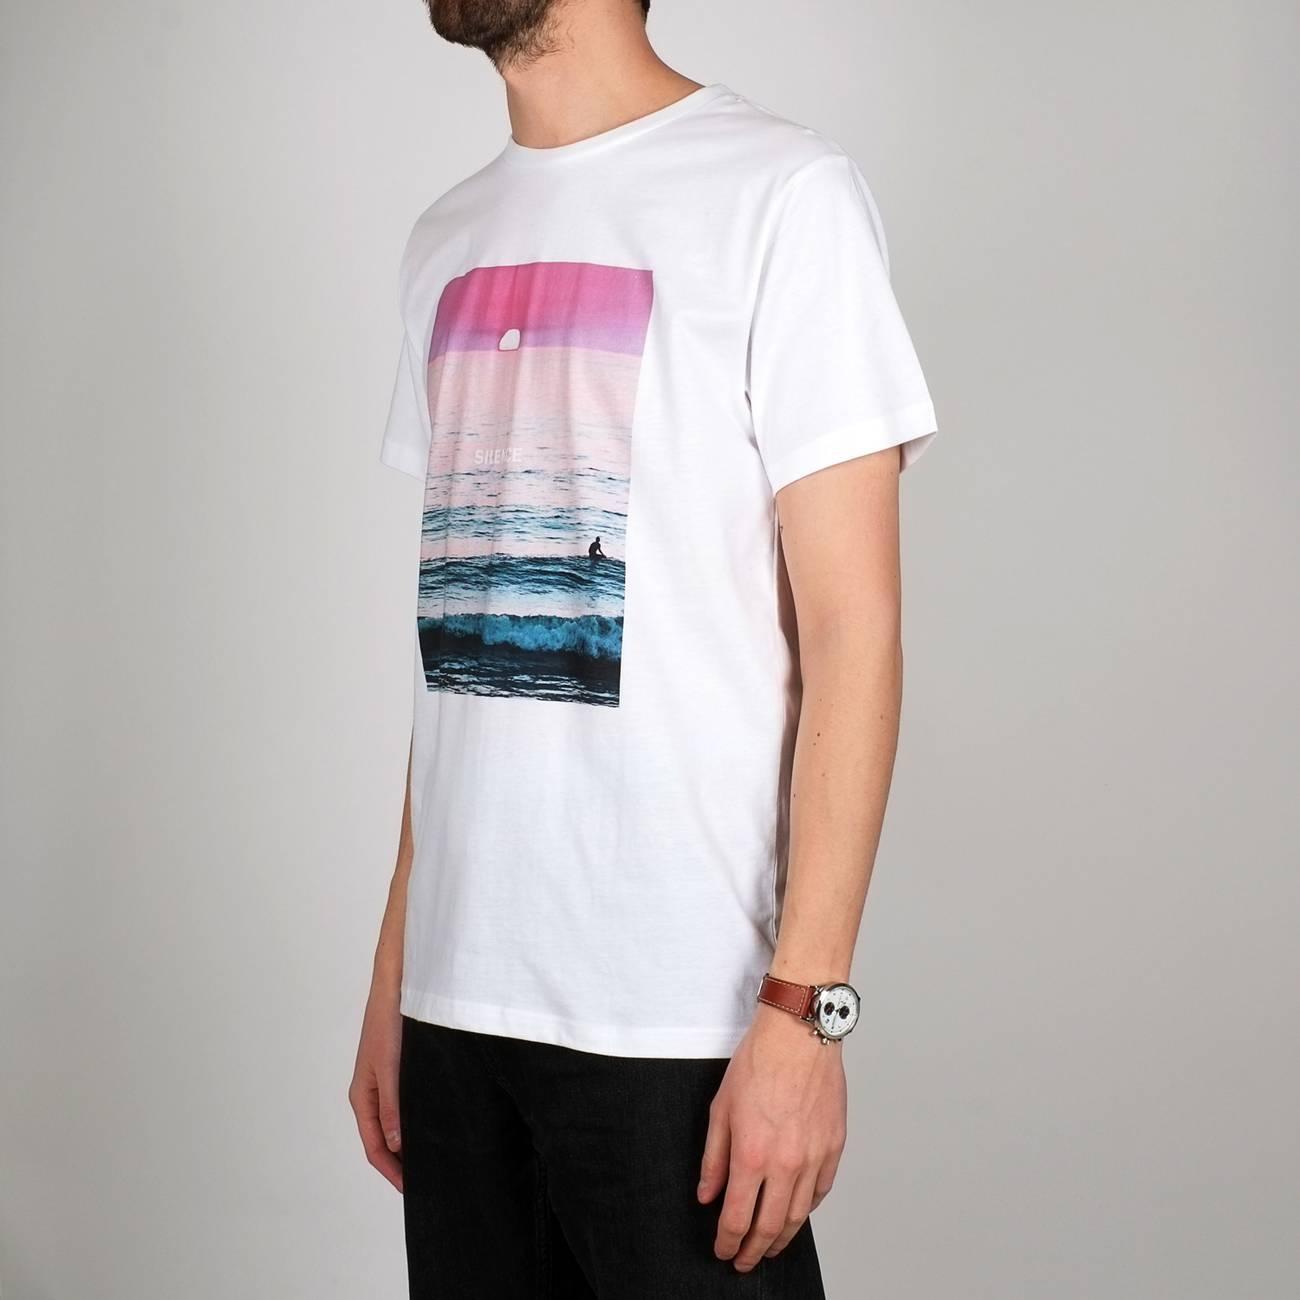 T-shirt Stockholm Ocean Silence